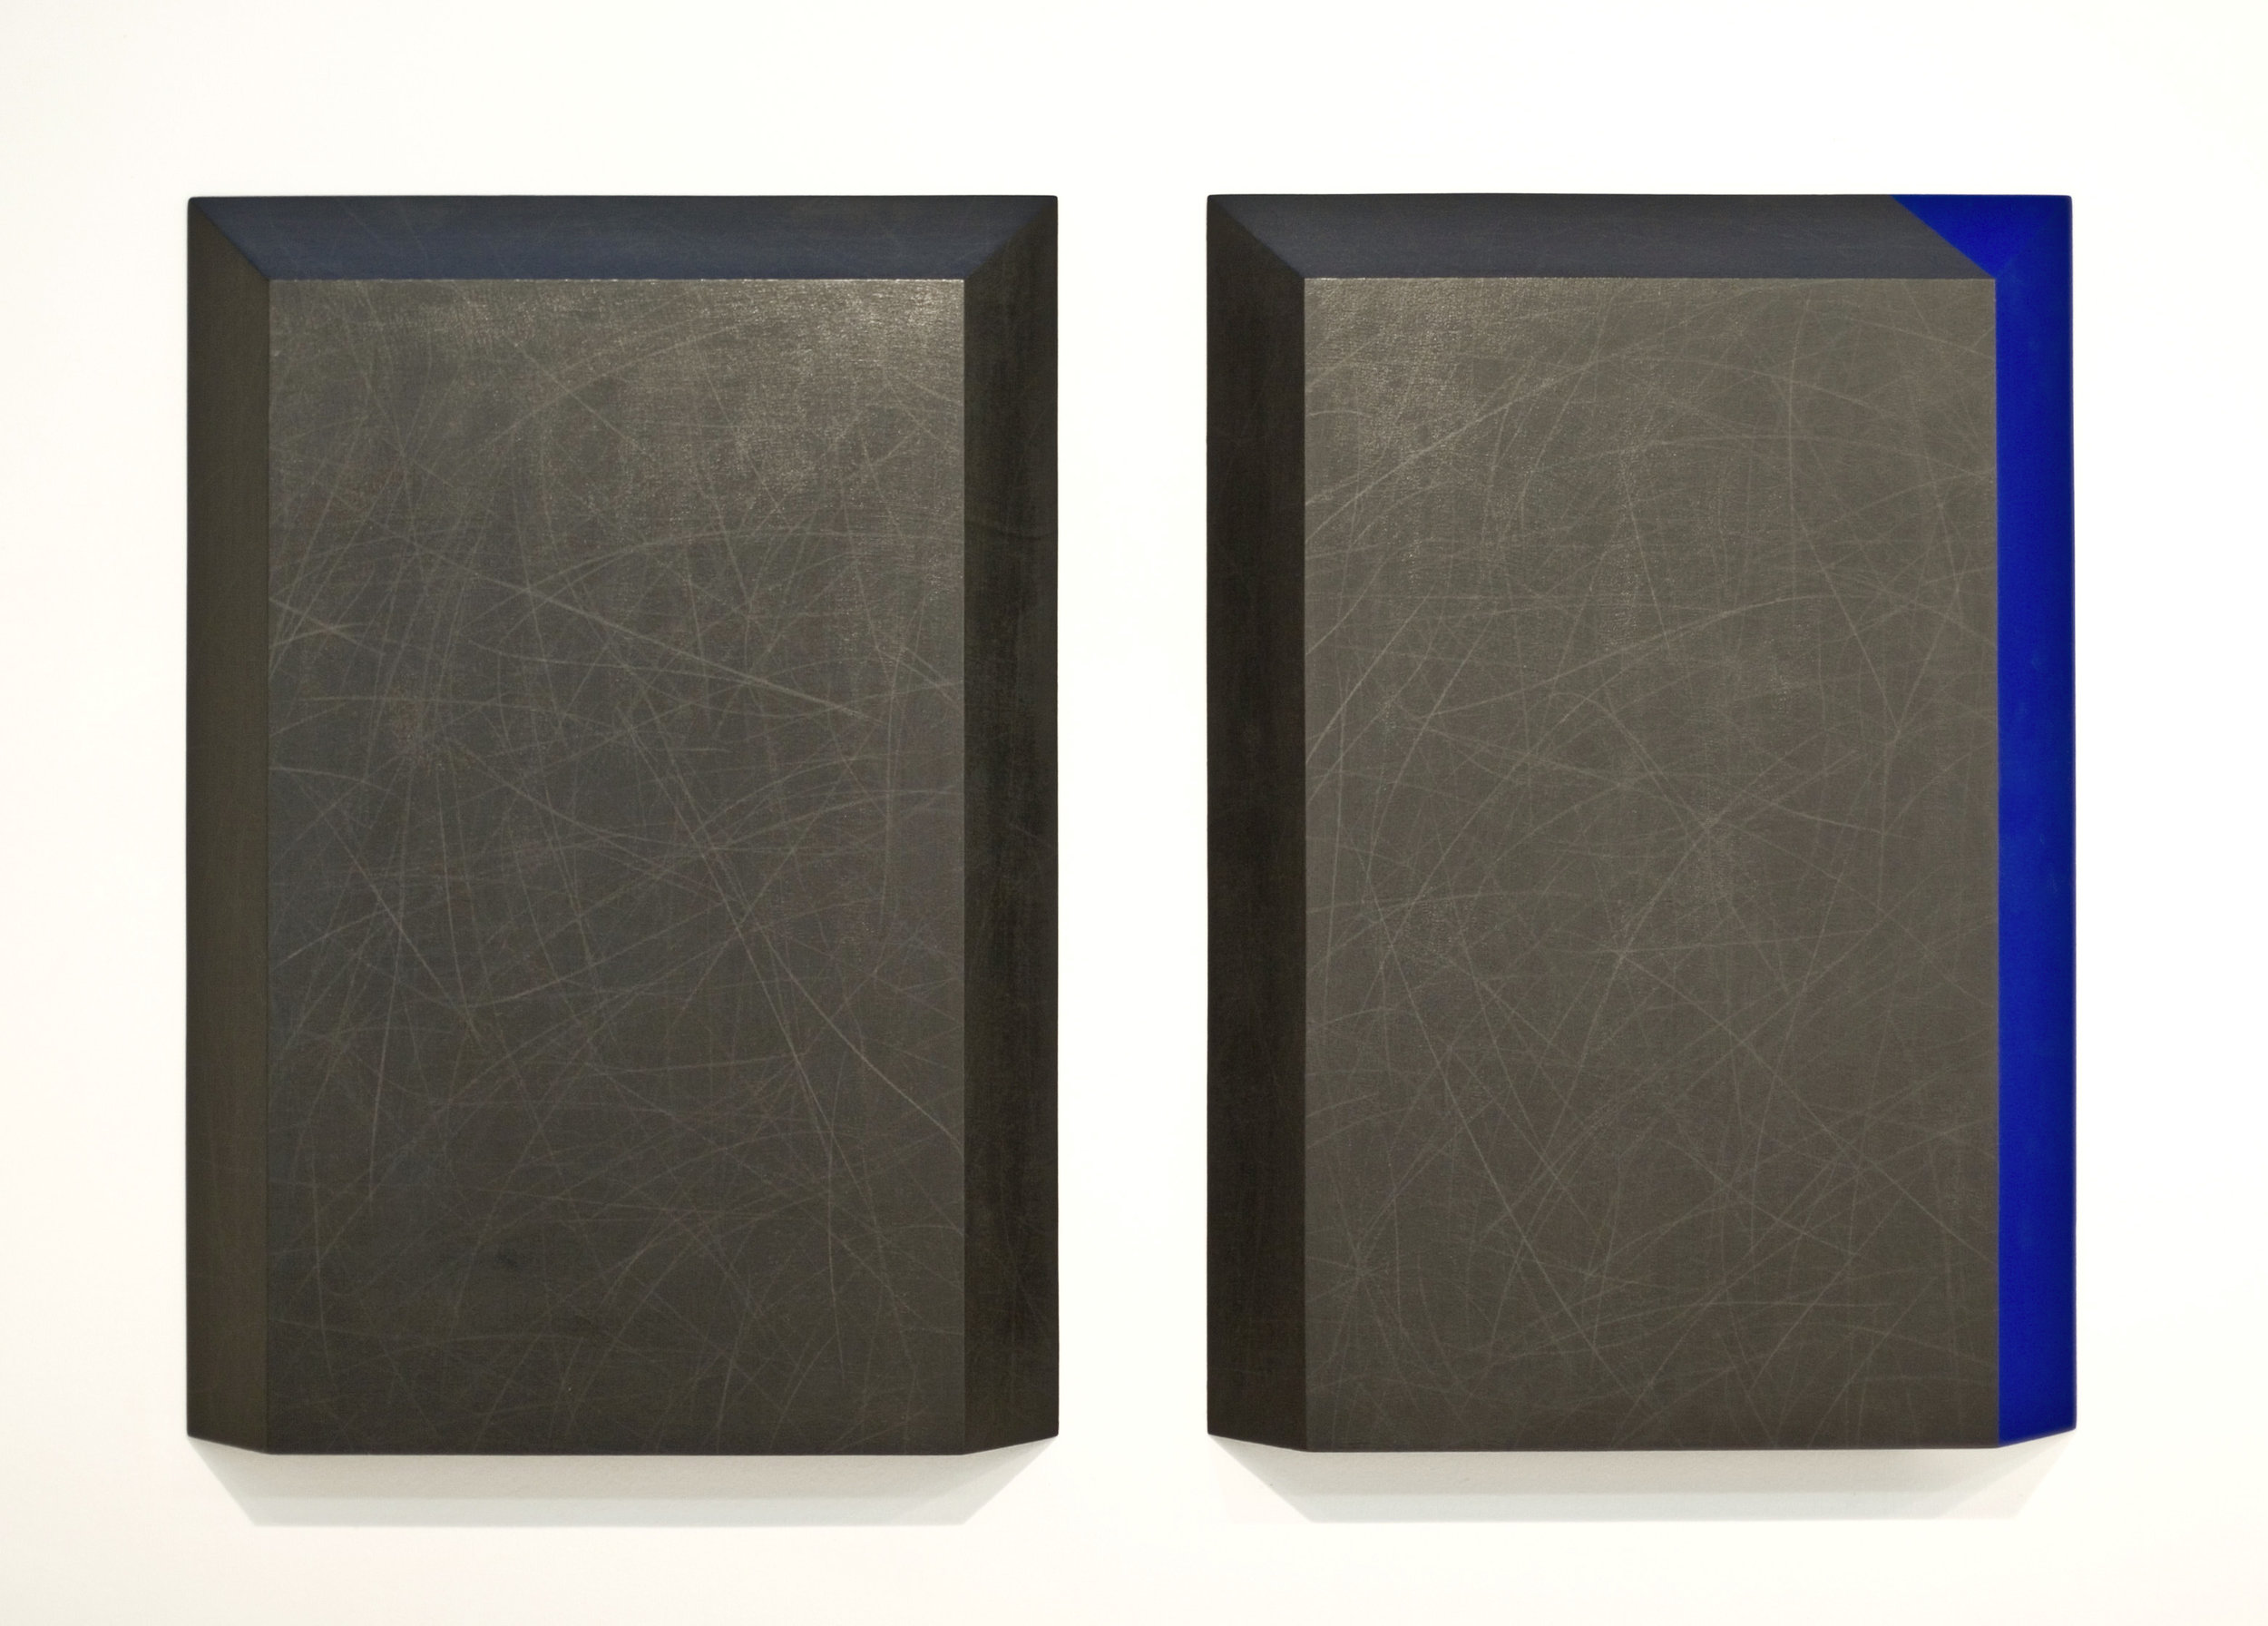 grafit, les, dvakrat 100 x 70 cm, 1998